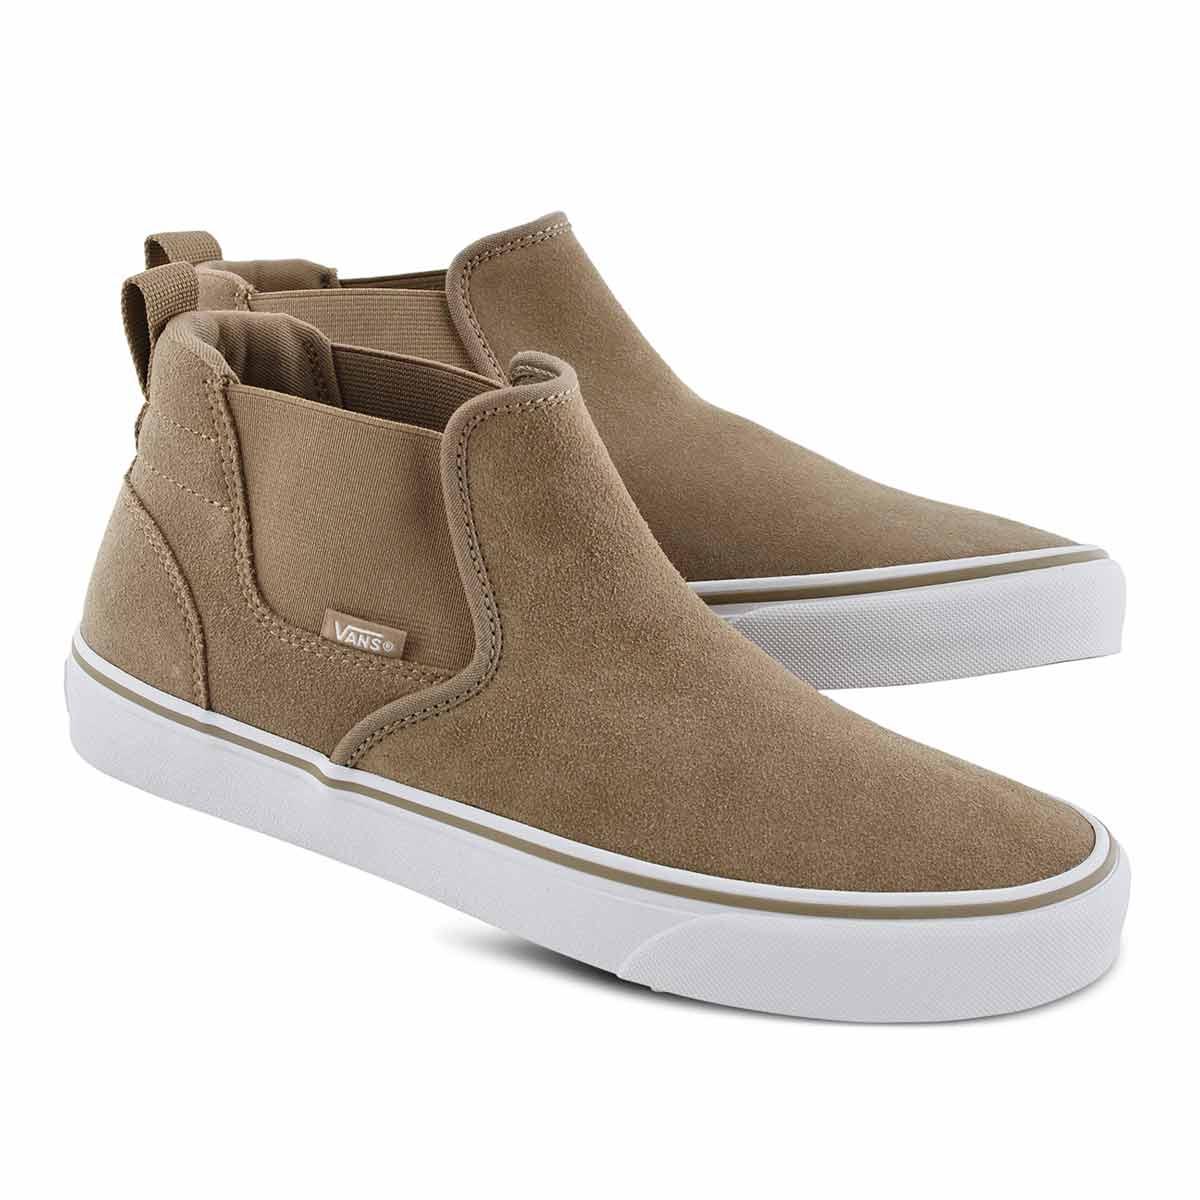 Vans' Men's Asher Mid Slip On Sneaker